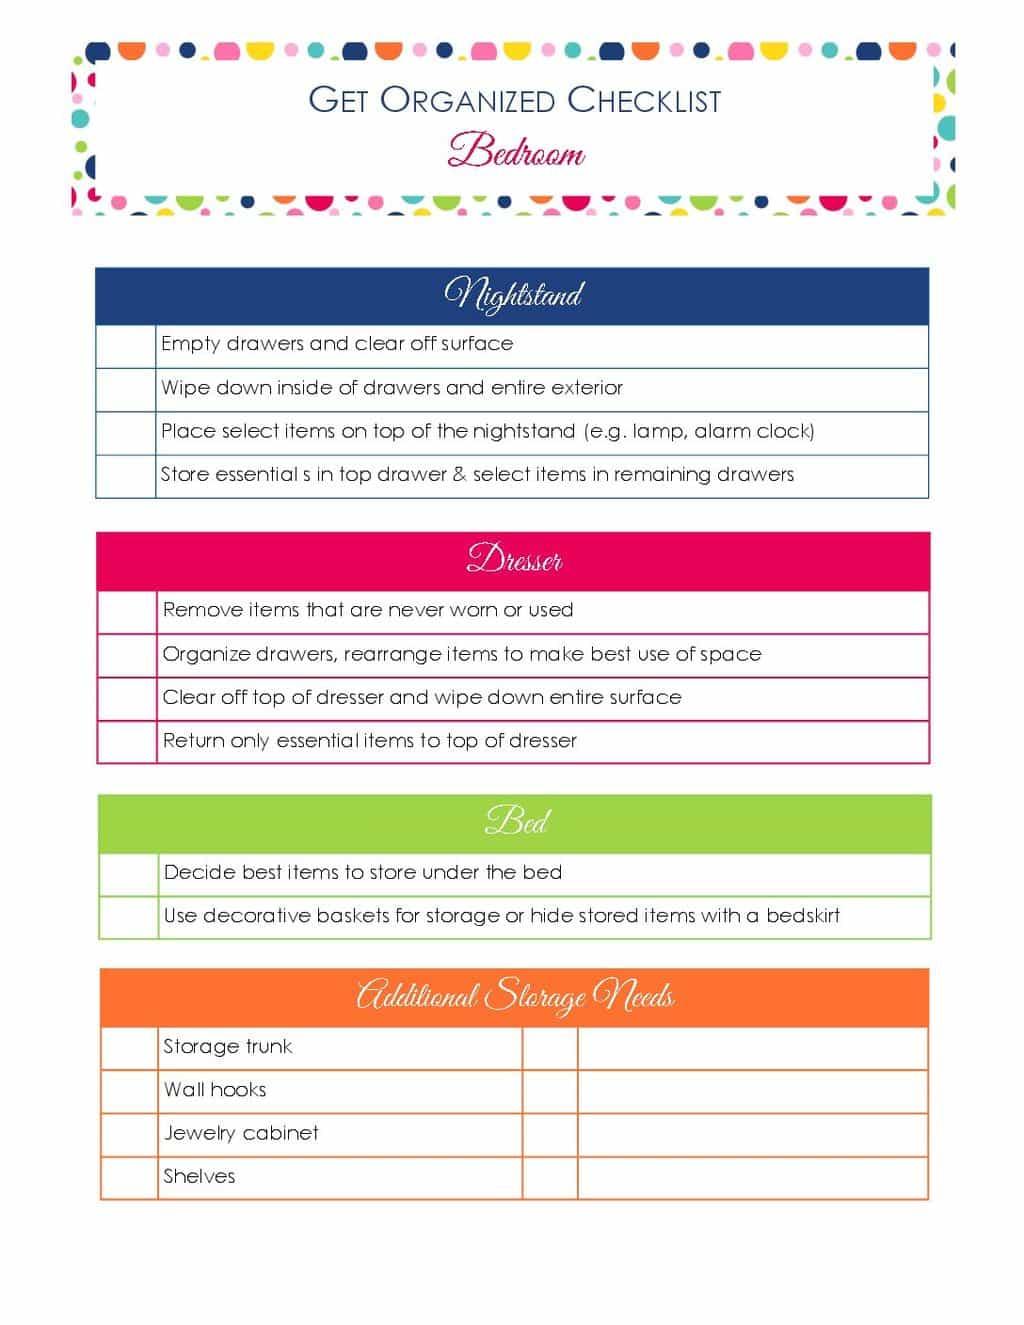 printable Get Organized Checklist Bedroom